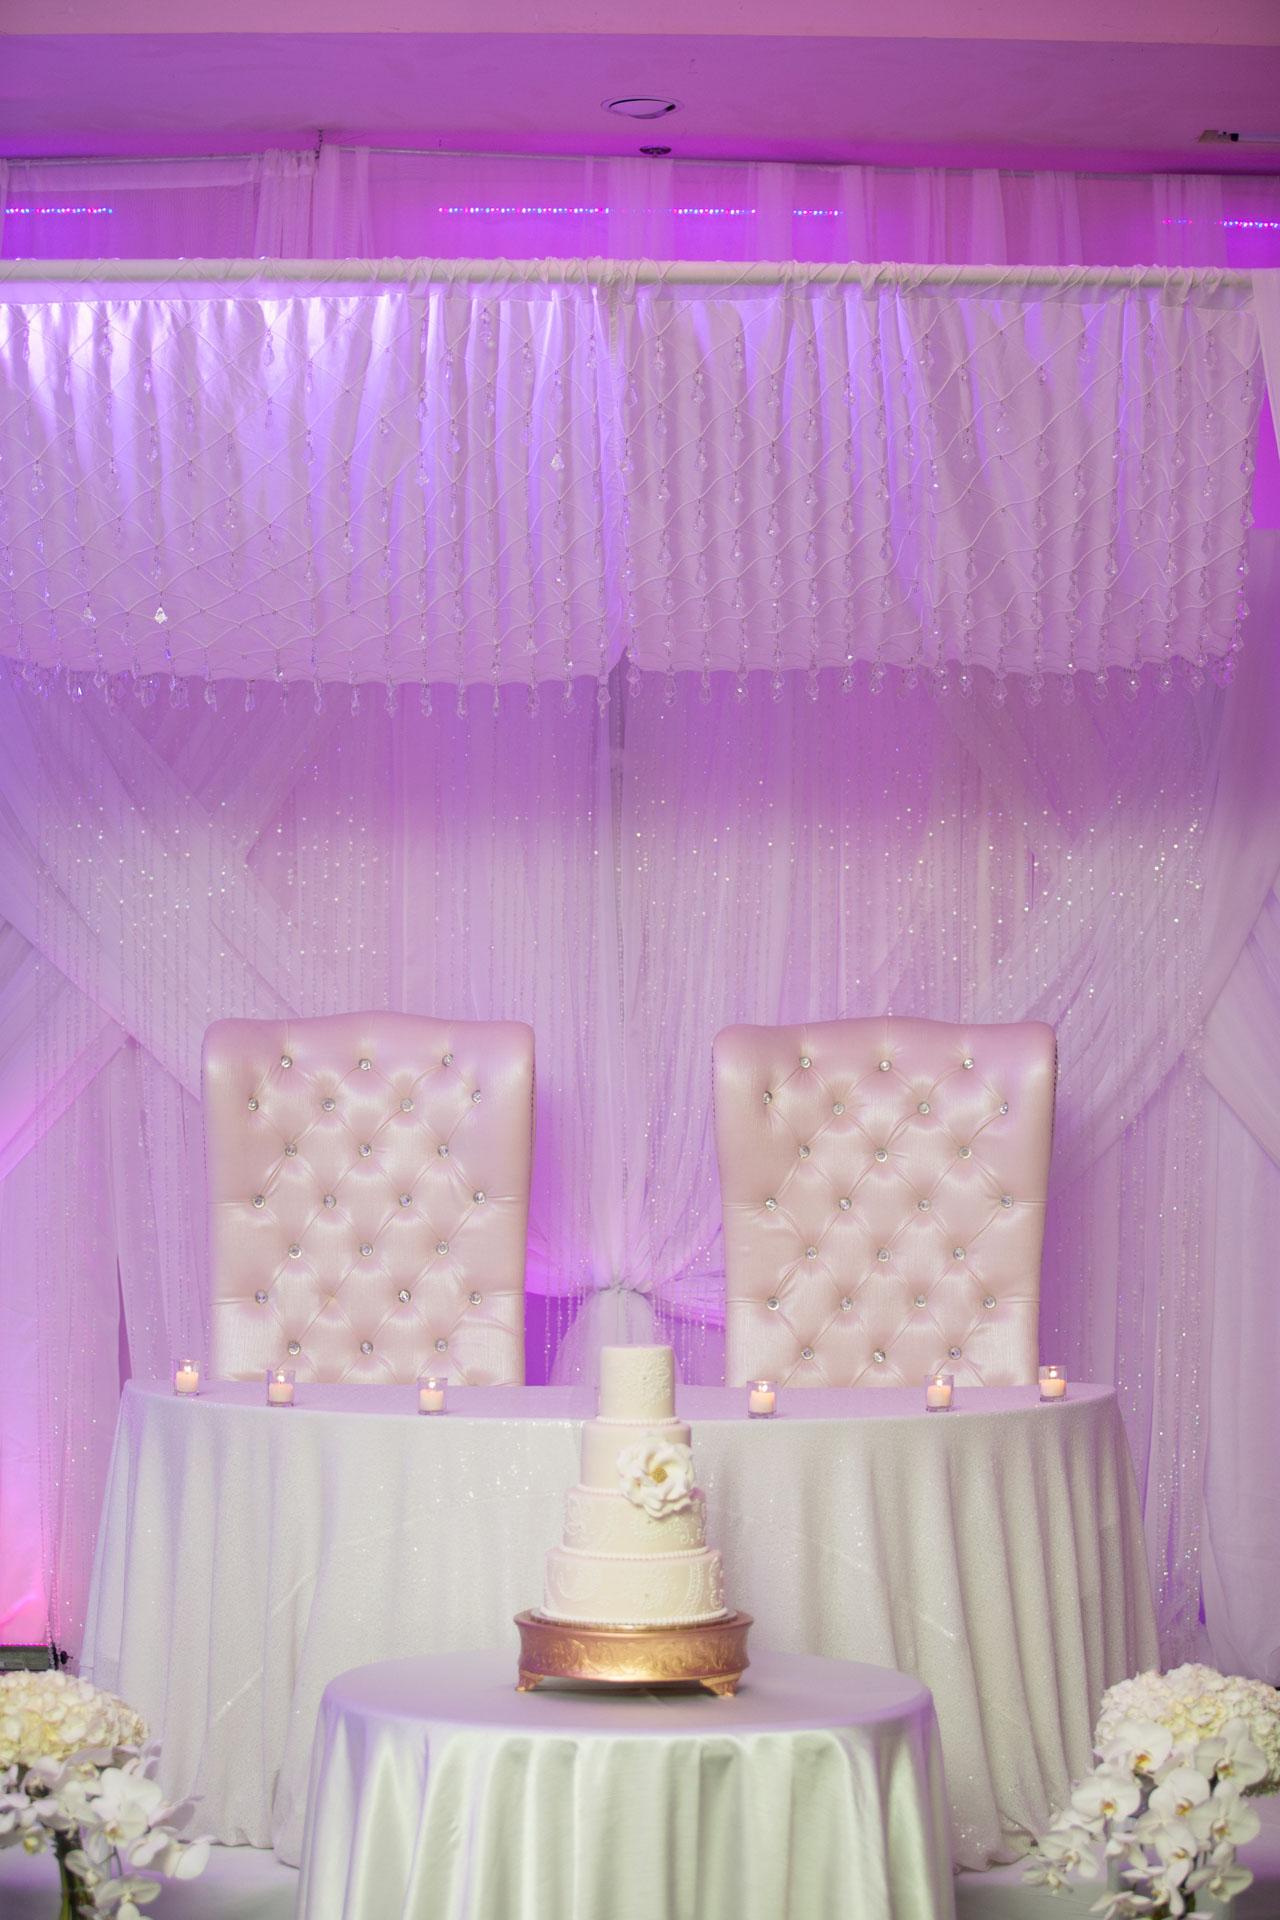 jamie  u0026 harman - edmonton wedding planner